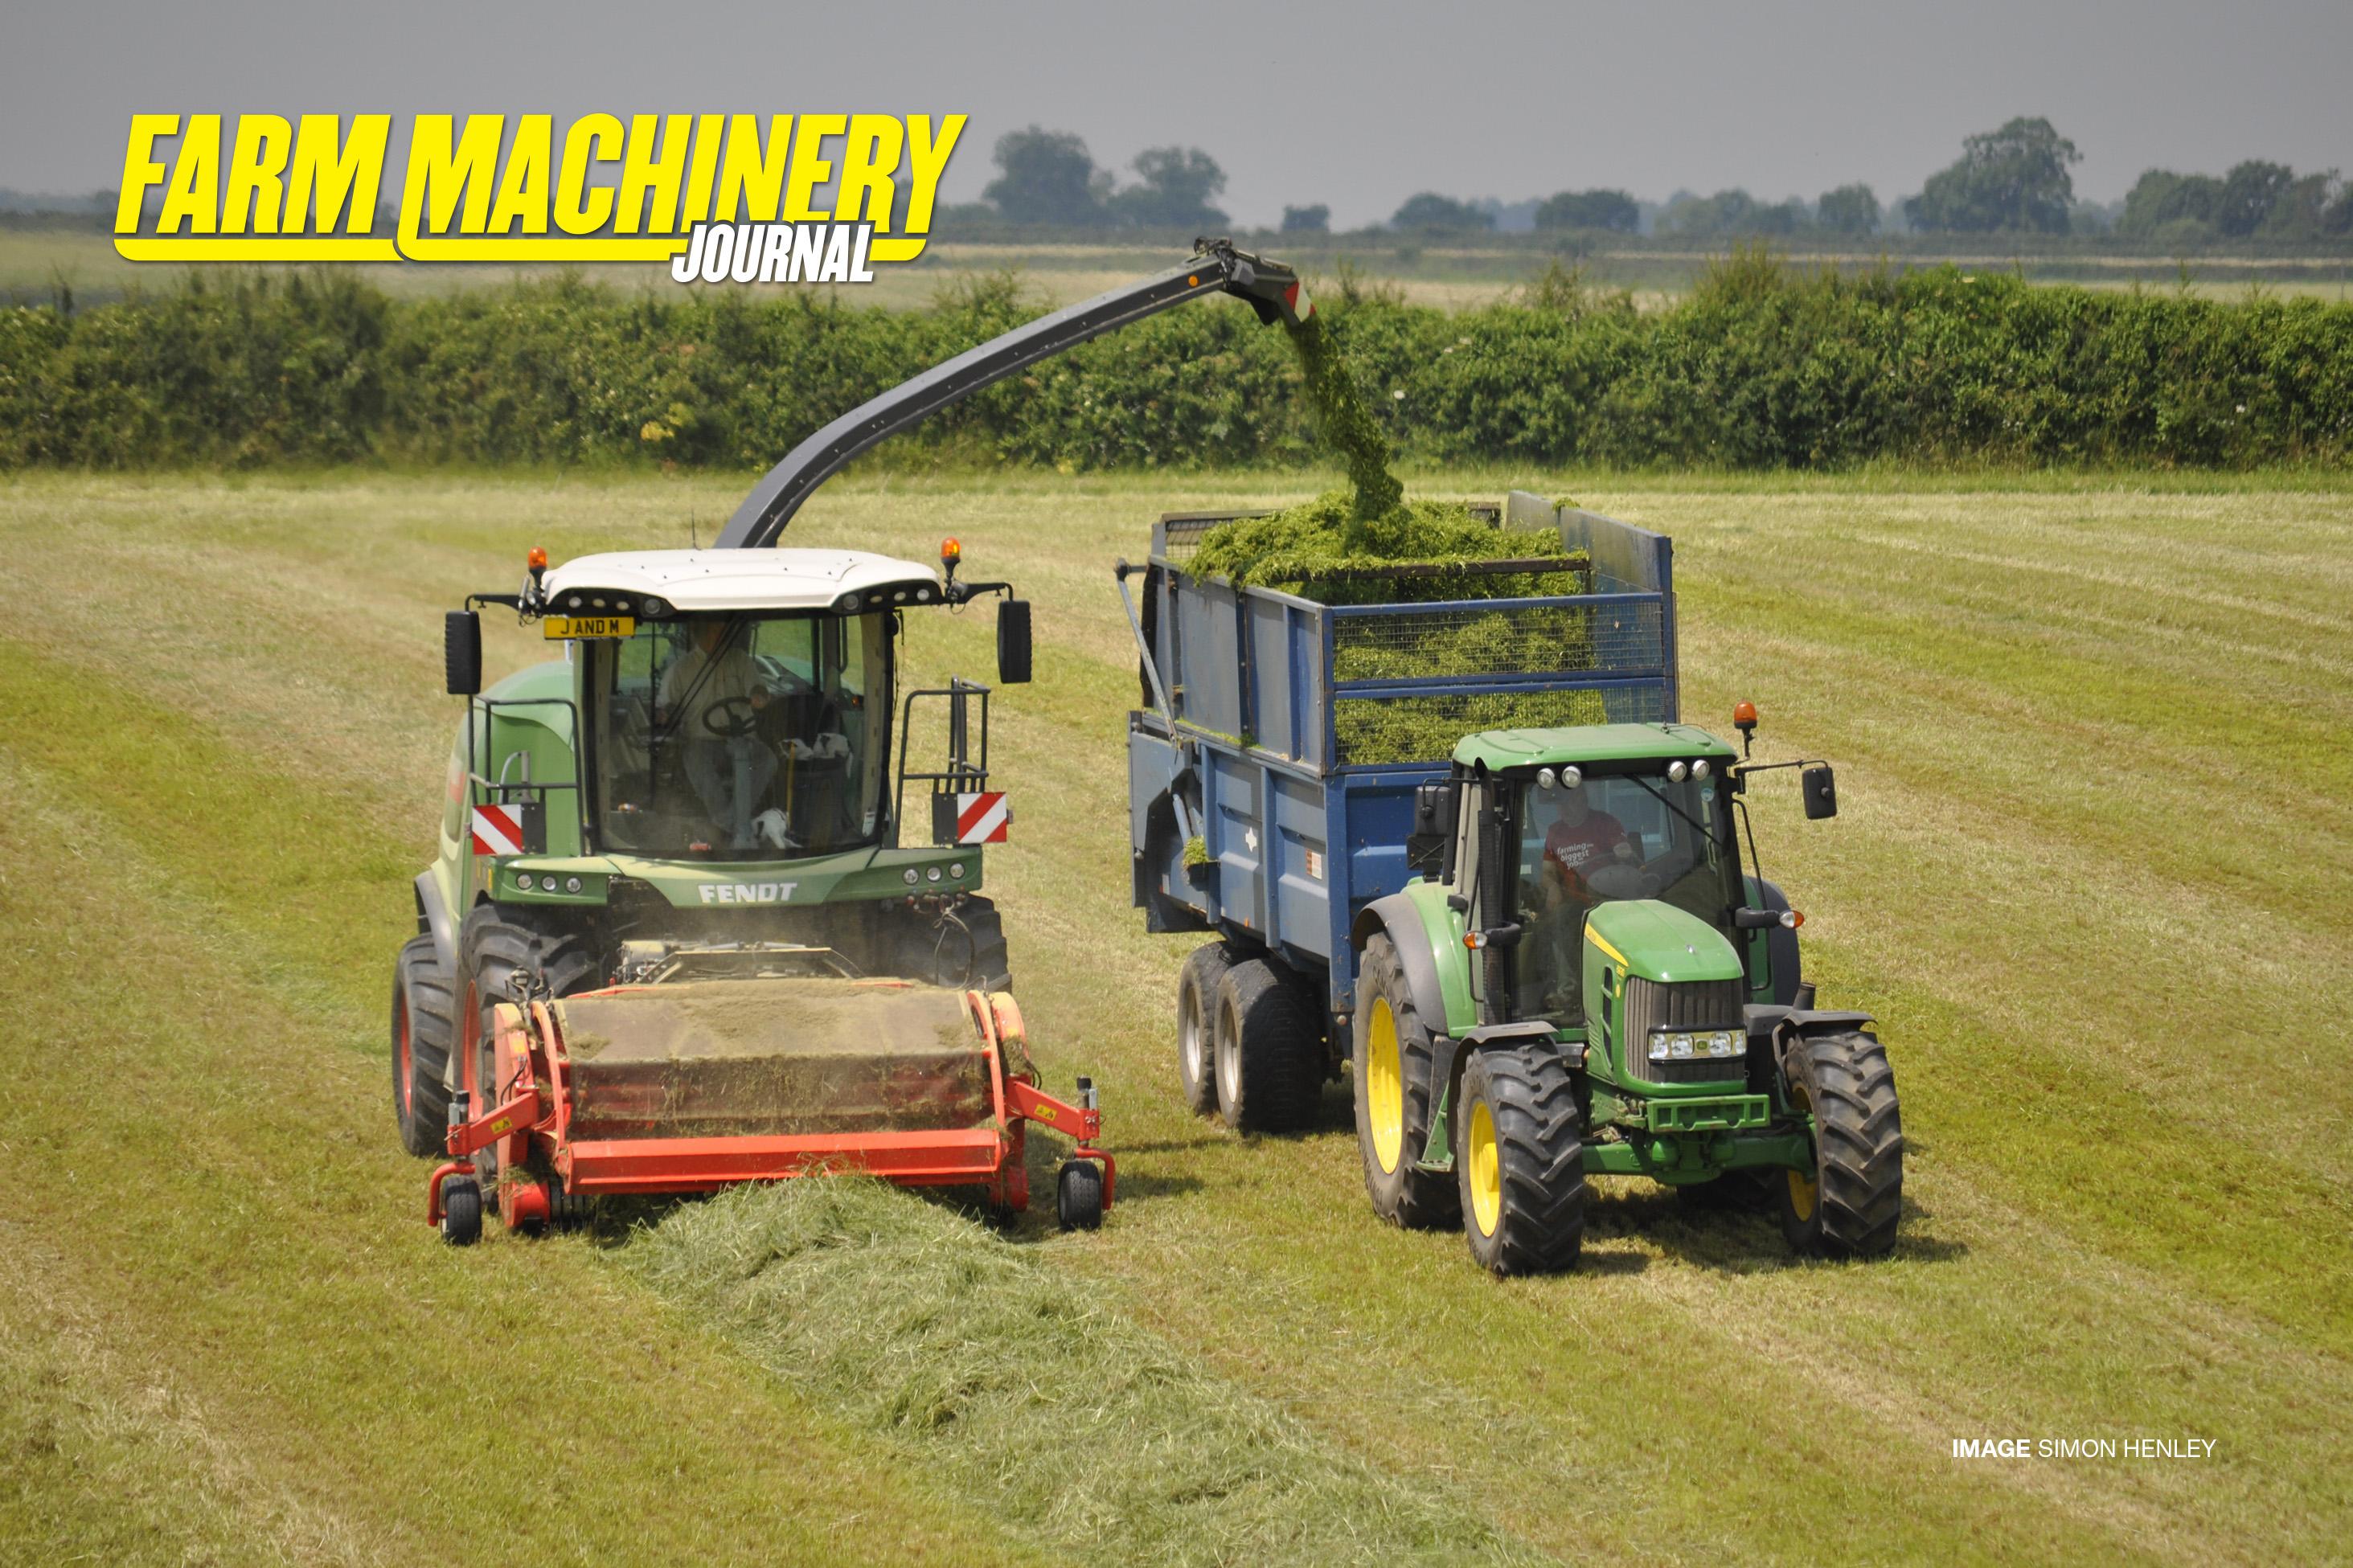 Gallery Farm Machinery Journal 2927x1951